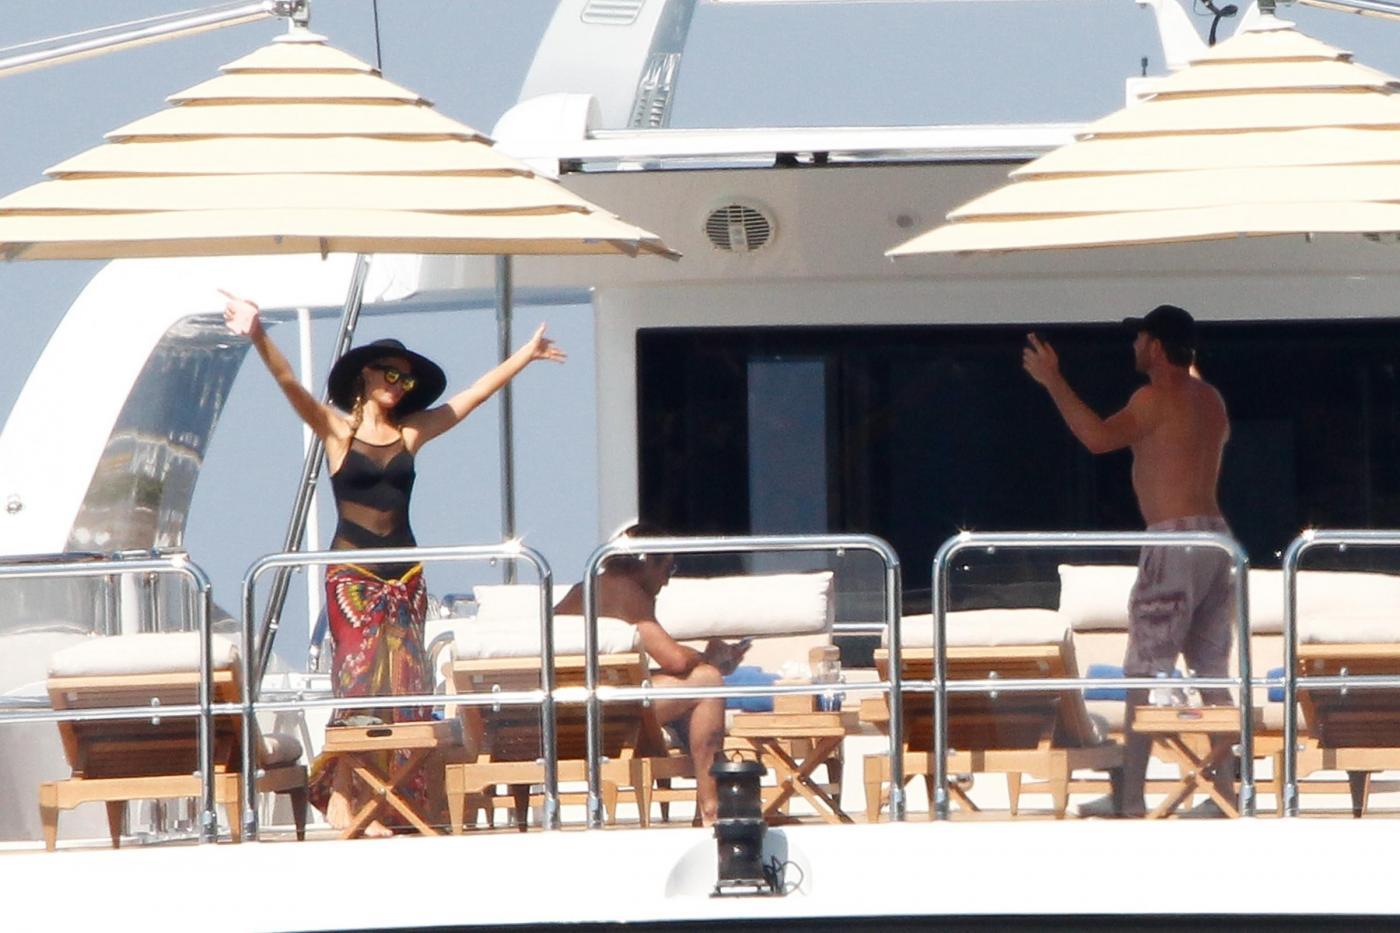 Paris Hilton e fidanzato a Formentera: sole, amore e yacht da sogno04